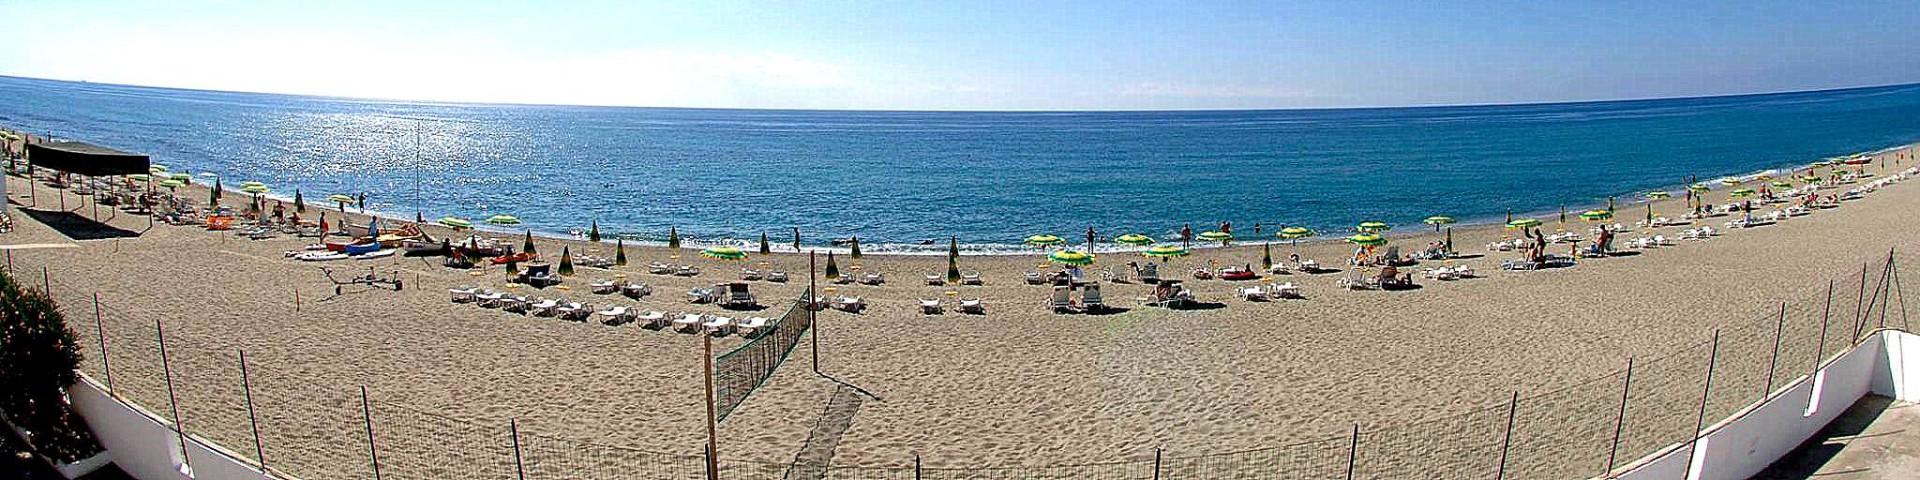 Brancaleone, nádherná pláž a nádherné moře